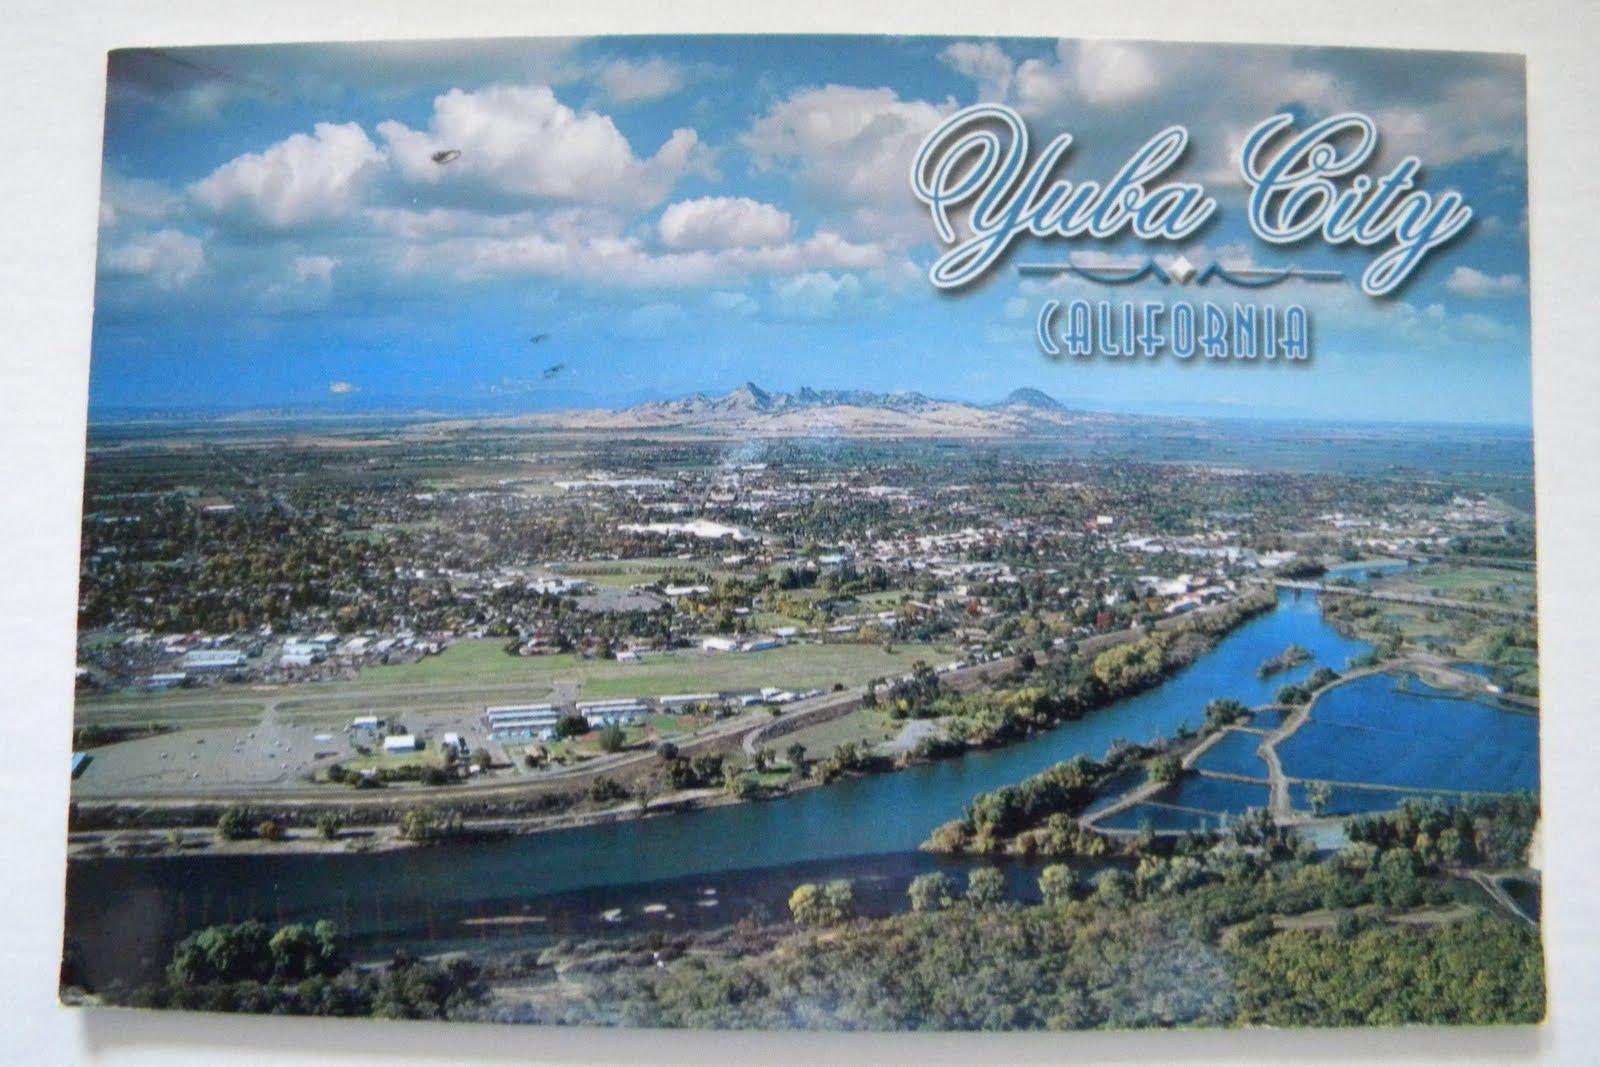 Old Photos Of Yuba City California Yuba City Yuba City California Marysville California